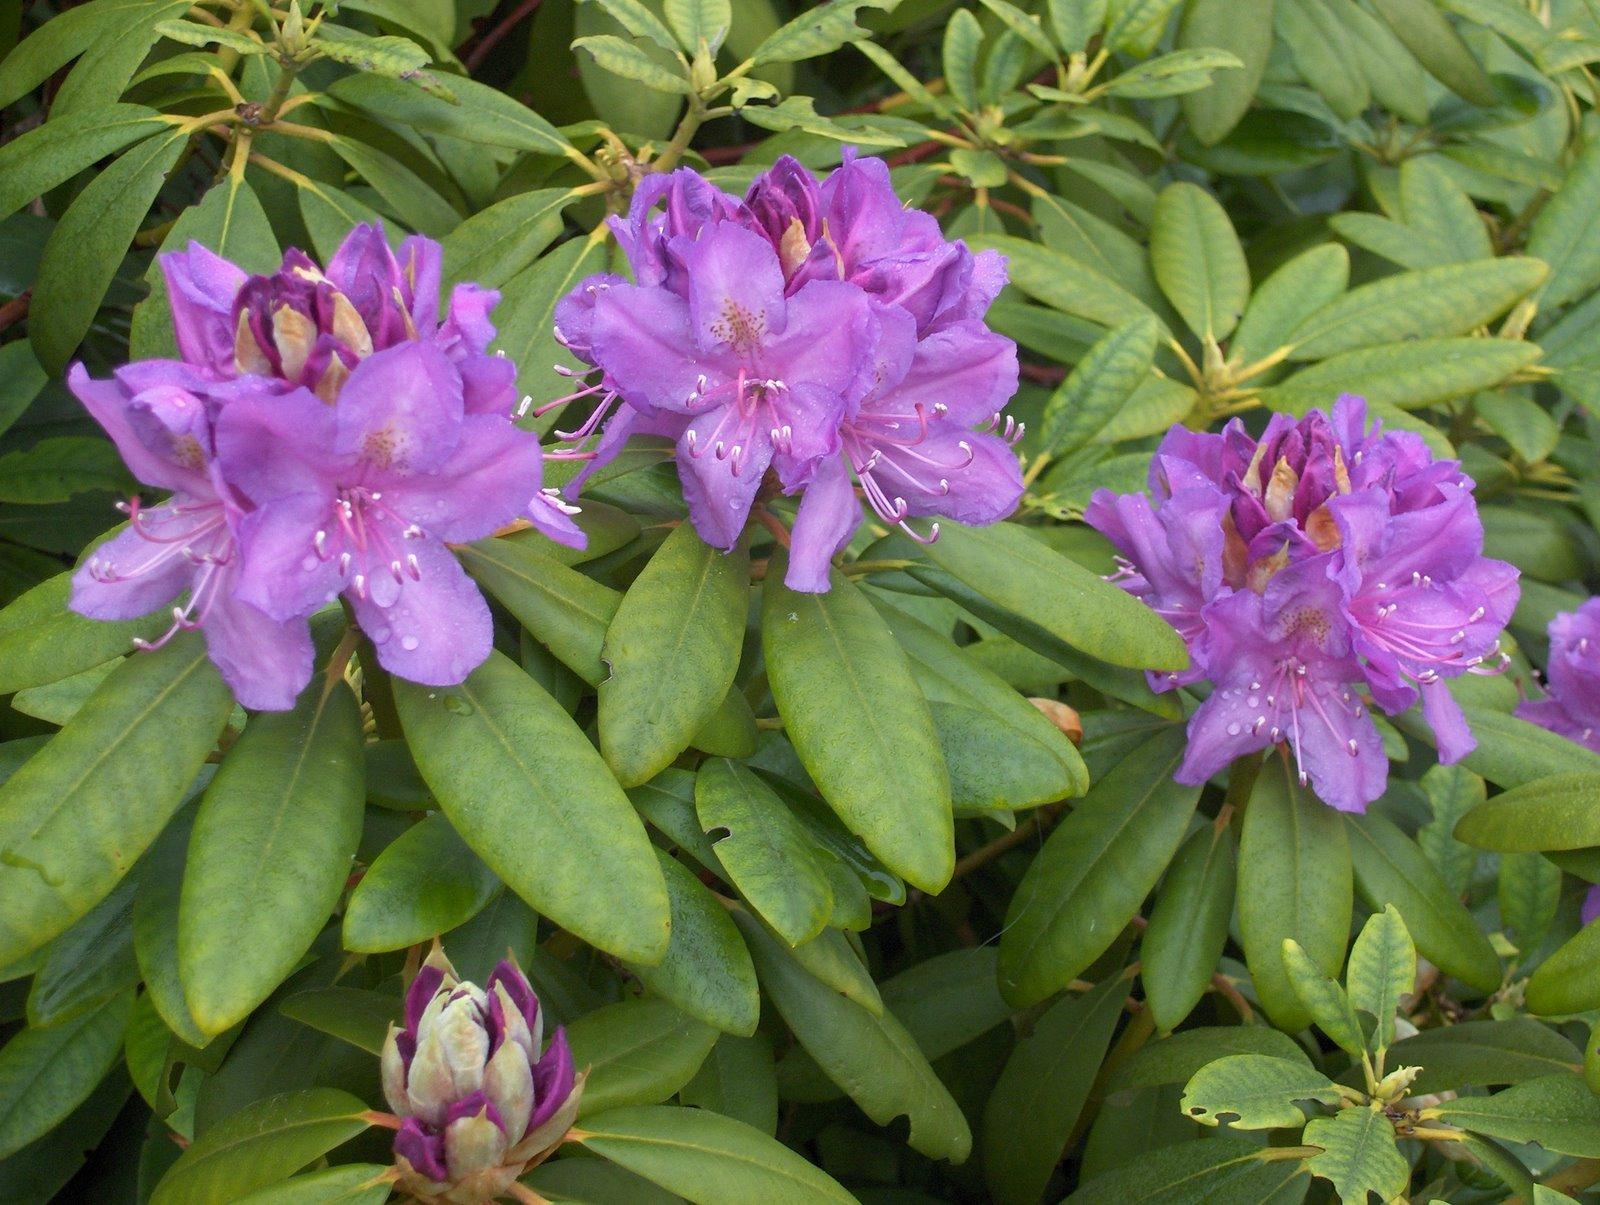 Micmousse r siste micmousse offre des fleurs for Offre des fleurs